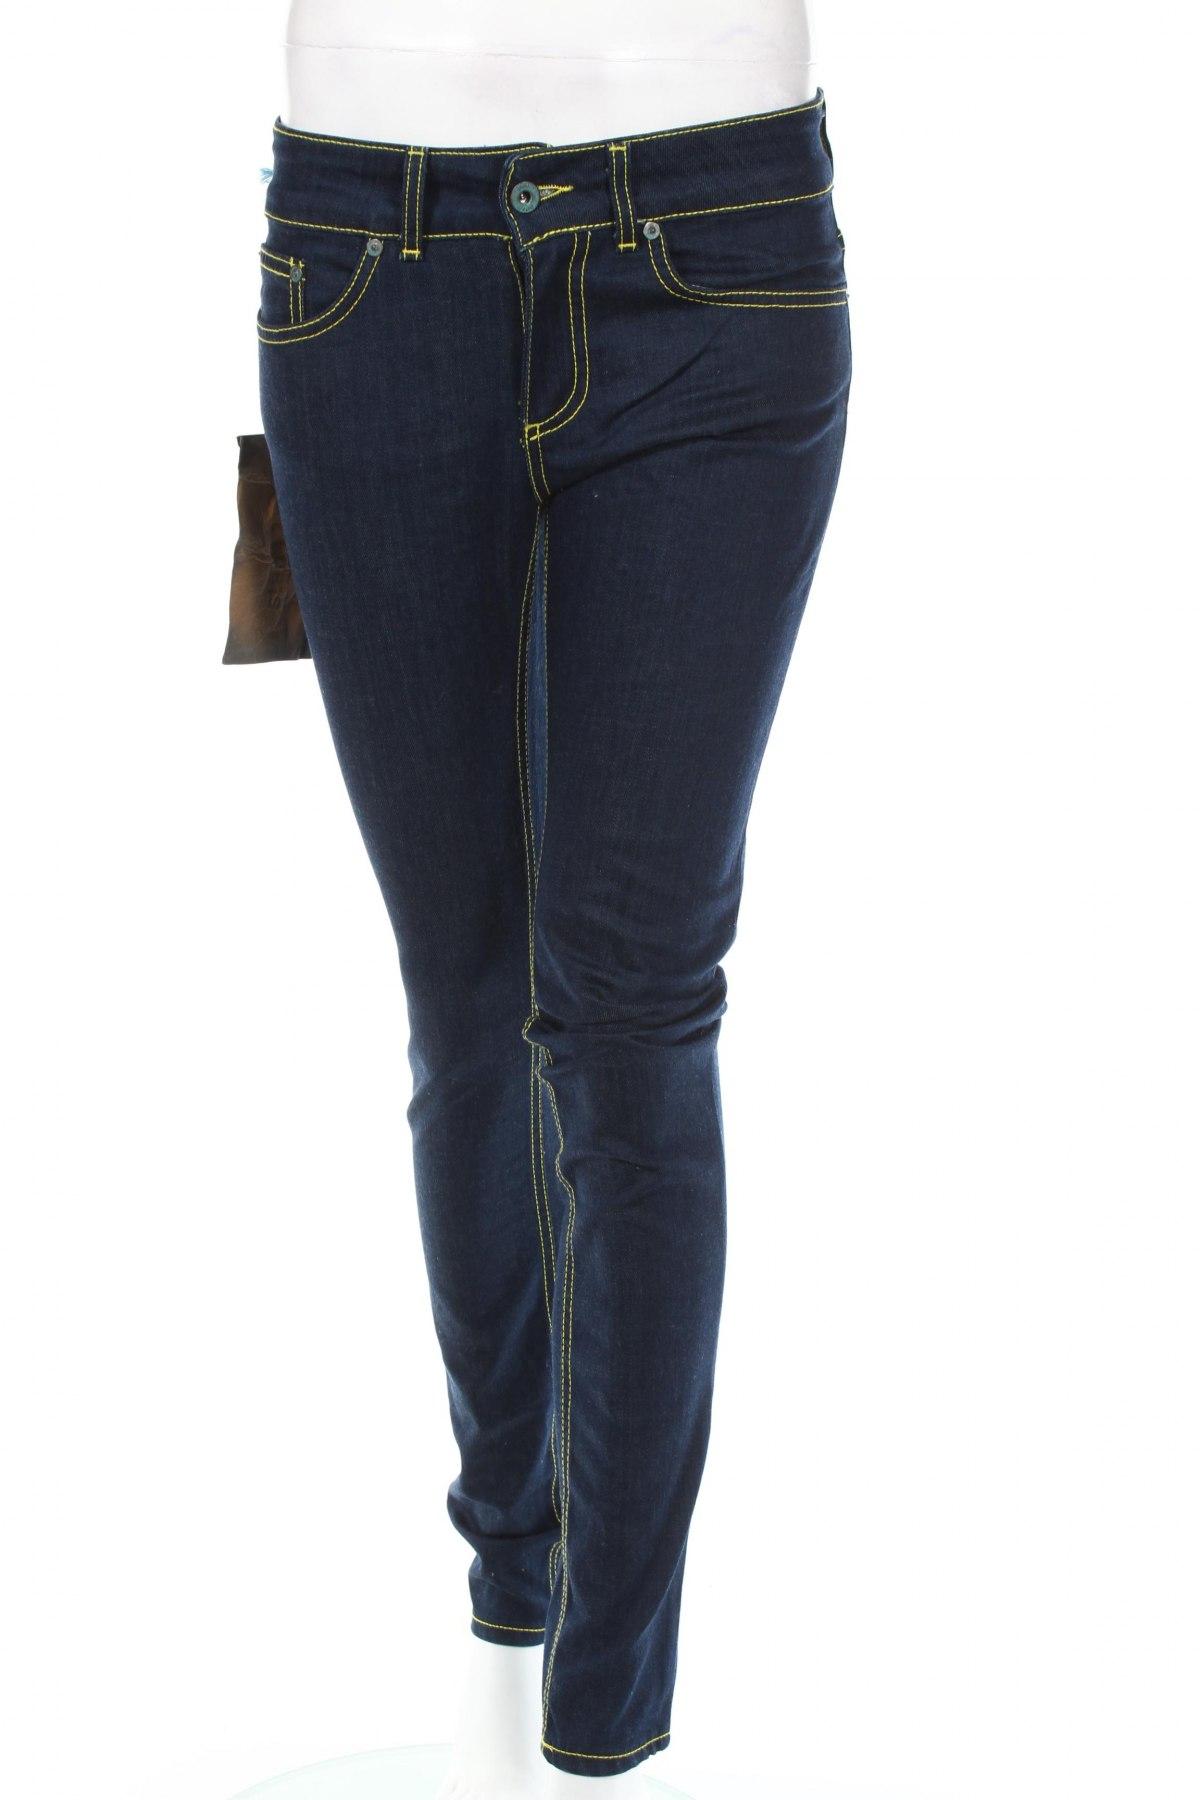 Дамски дънки Dondup, Размер S, Цвят Син, 98% памук, 2% еластан, Цена 130,00лв.